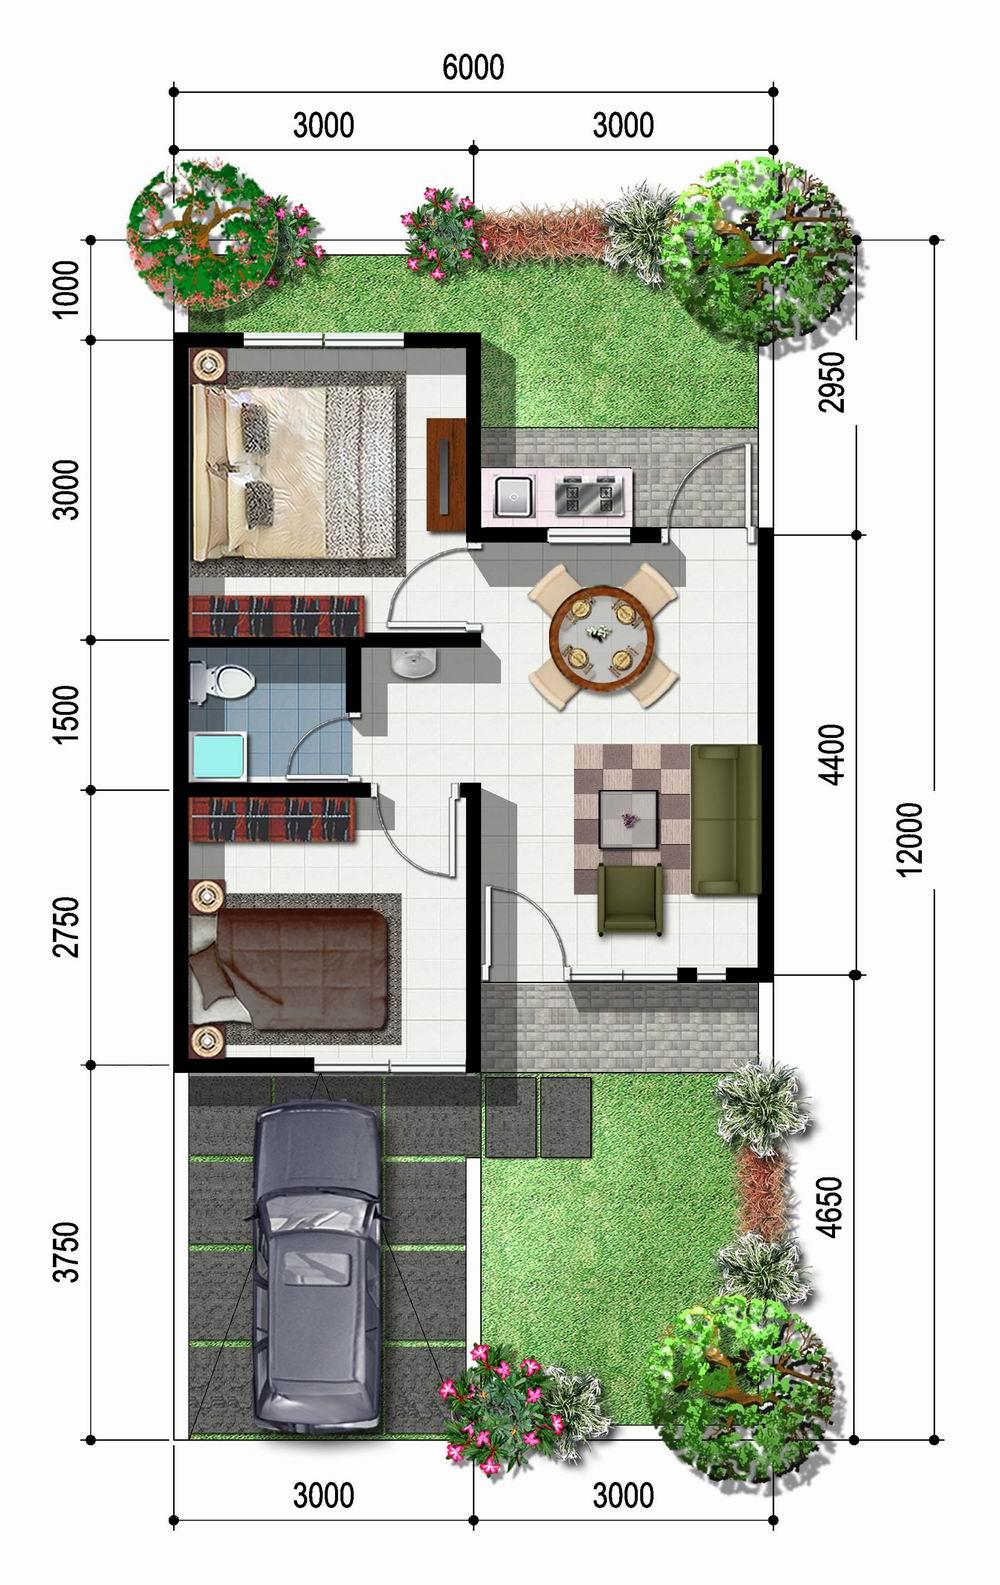 Aneka ide Desain Rumah 2 Lantai Klasik 2015 yang bagus